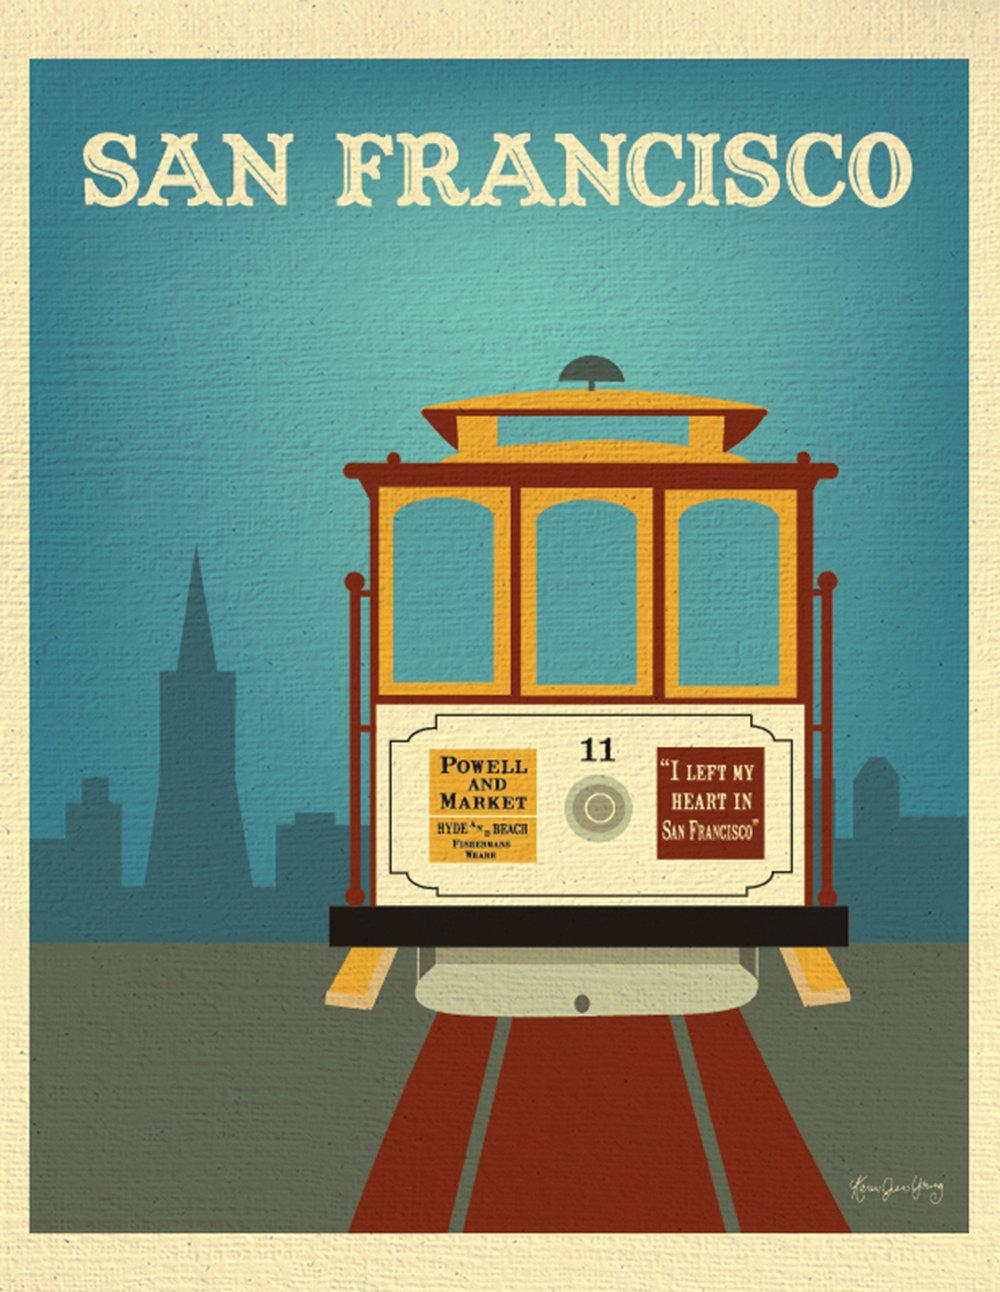 San Francisco Print Cable Car Wall Art San Francisco Travel.